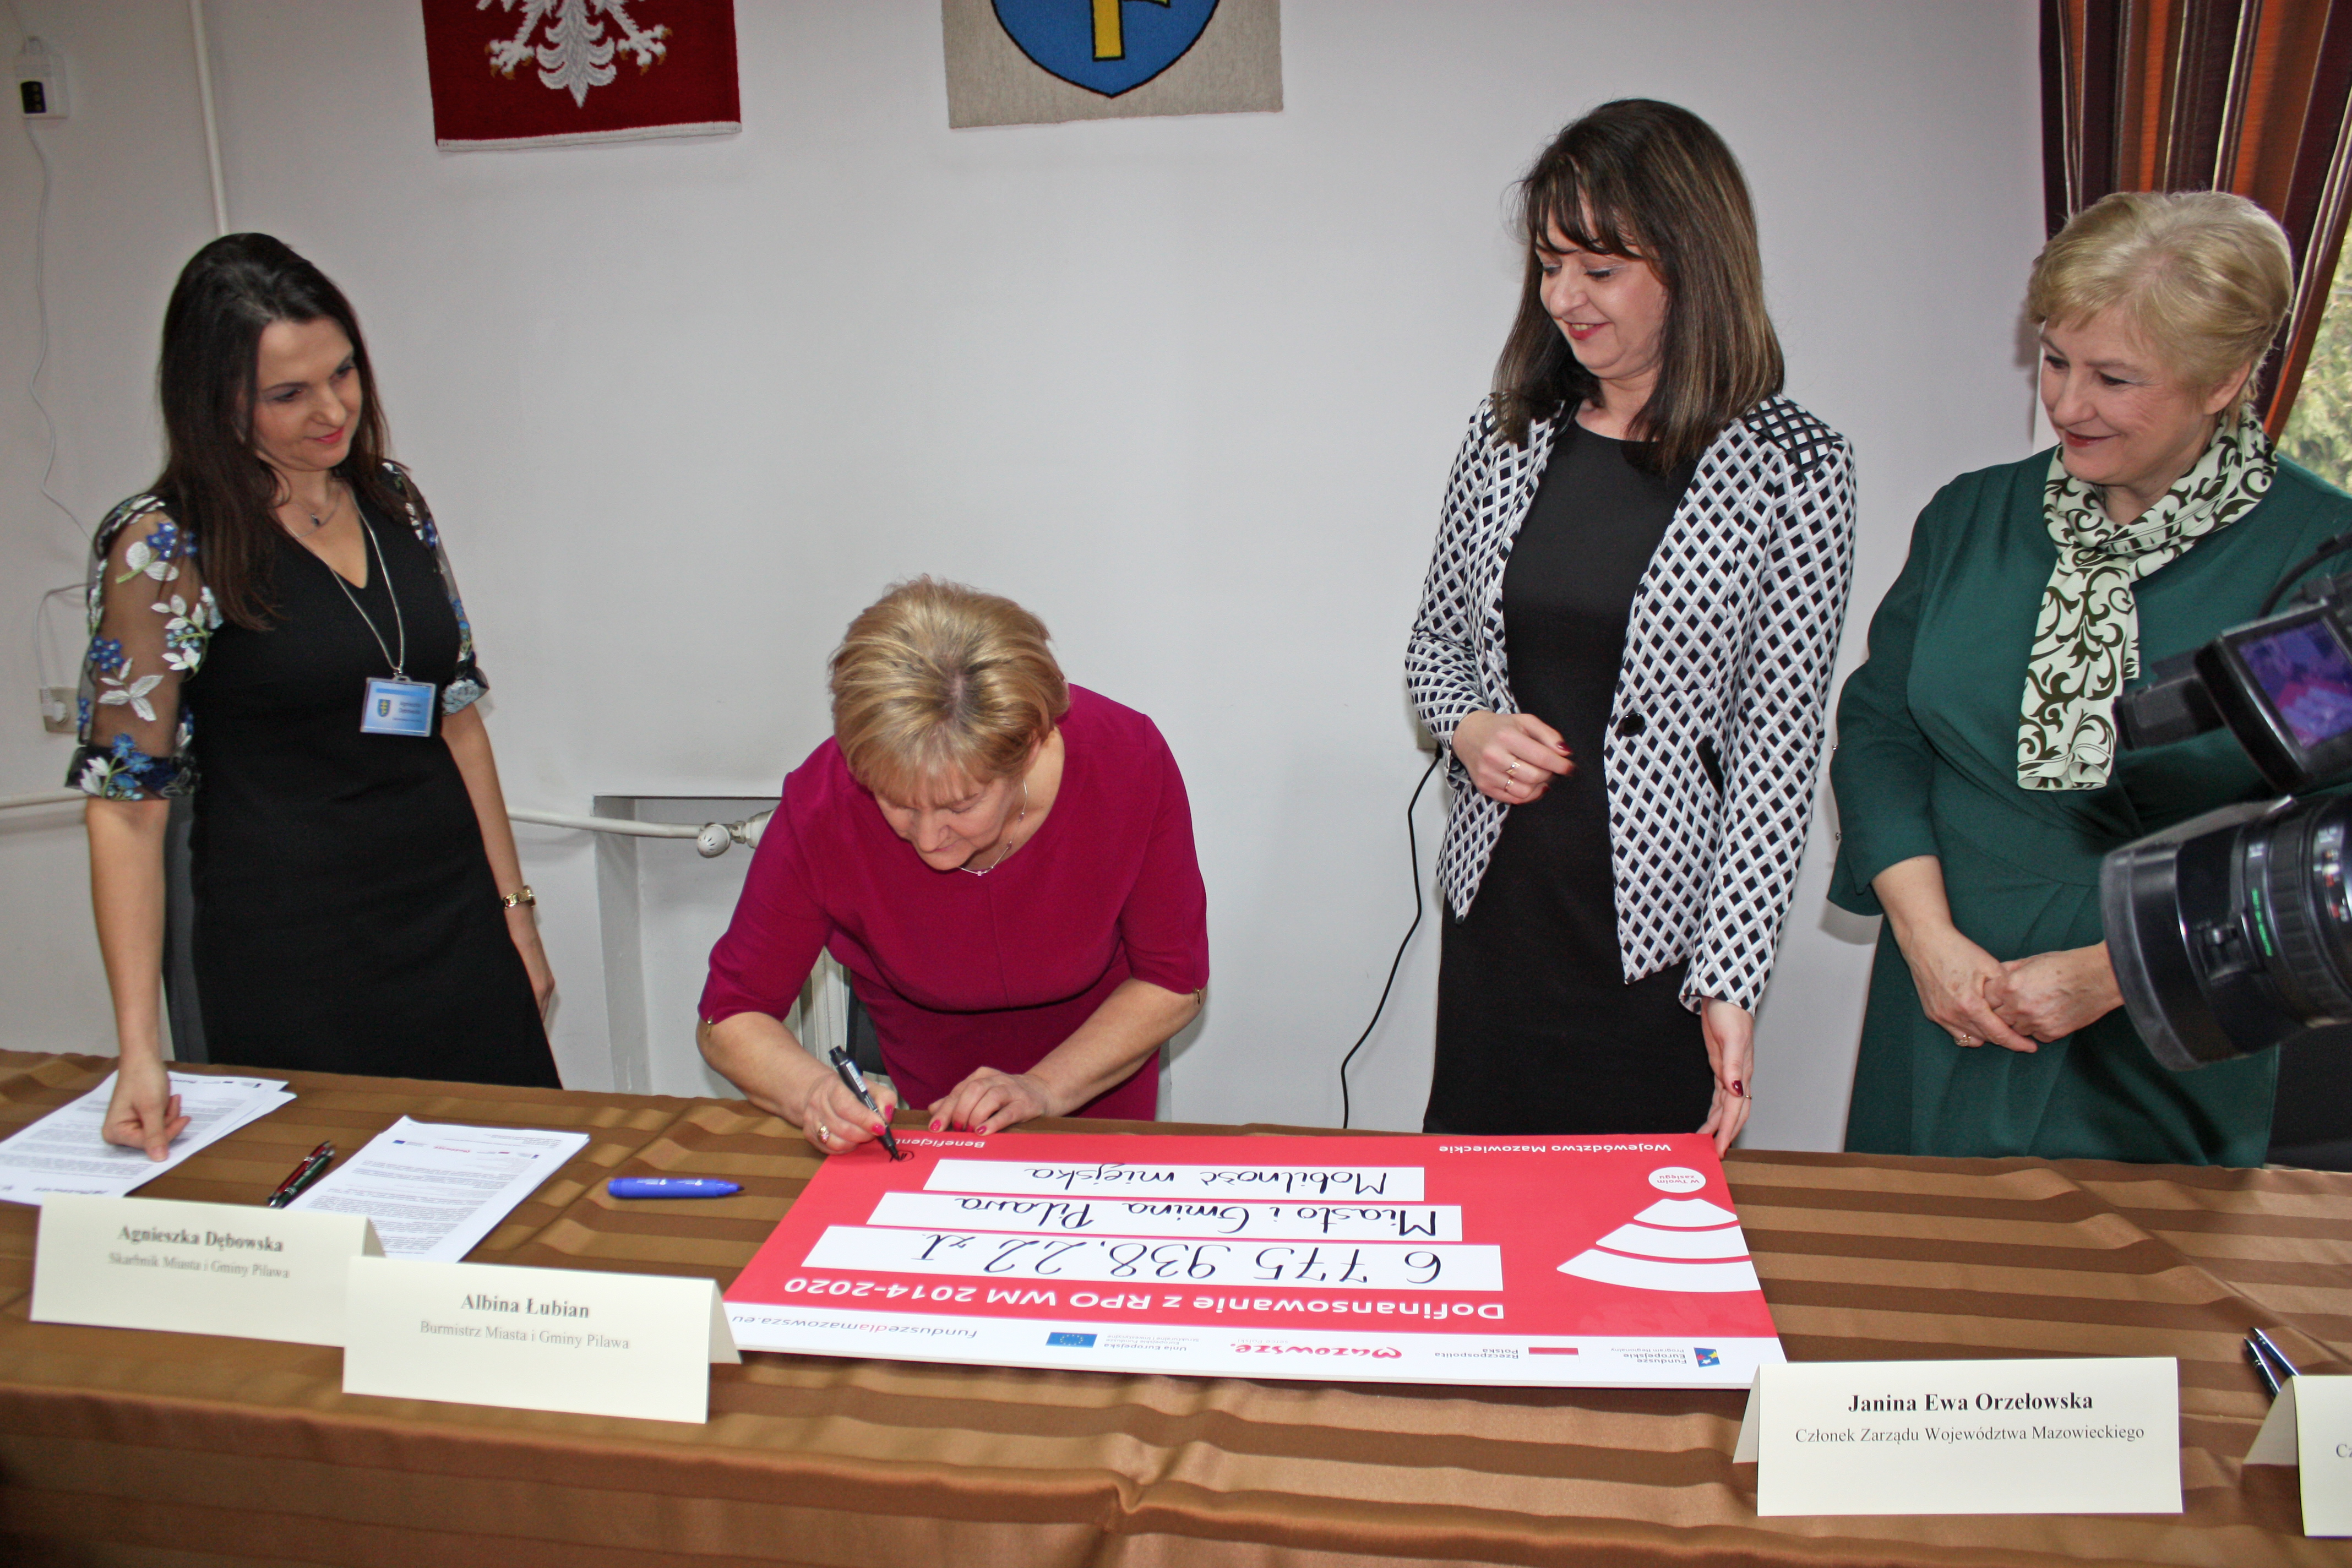 Foto: Urząd Miasta i Gminy w Pilawie